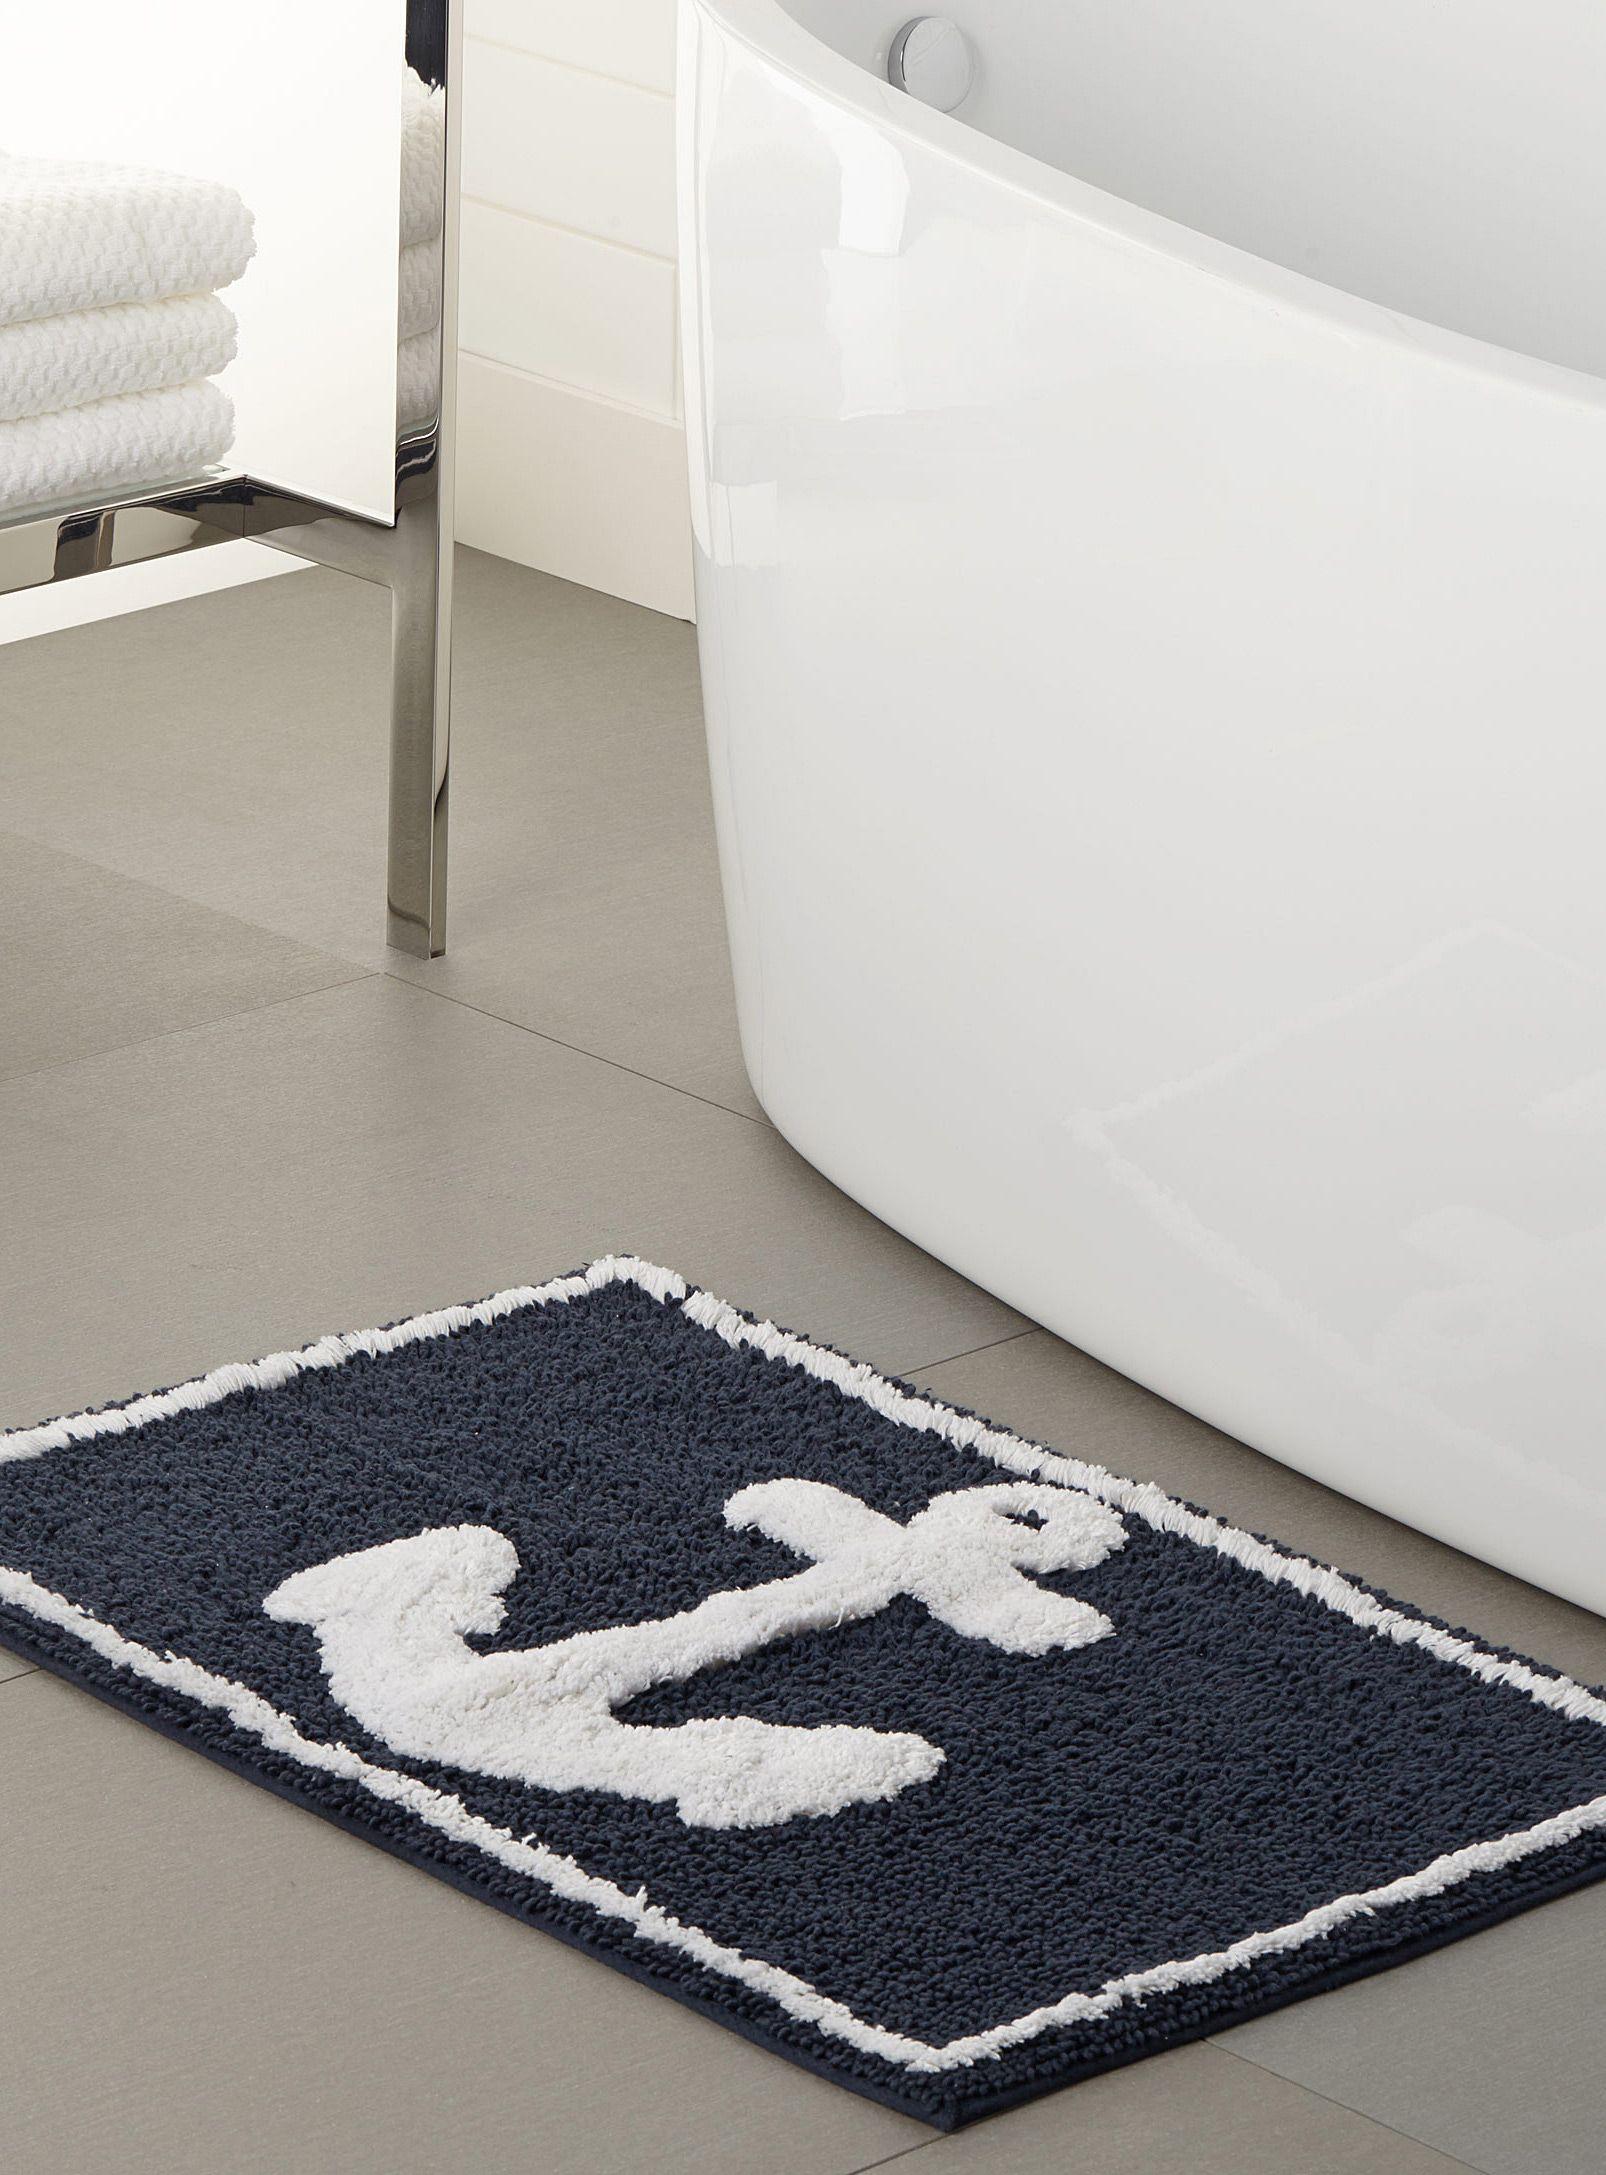 Marine anchor bath mat 50 x 80 cm